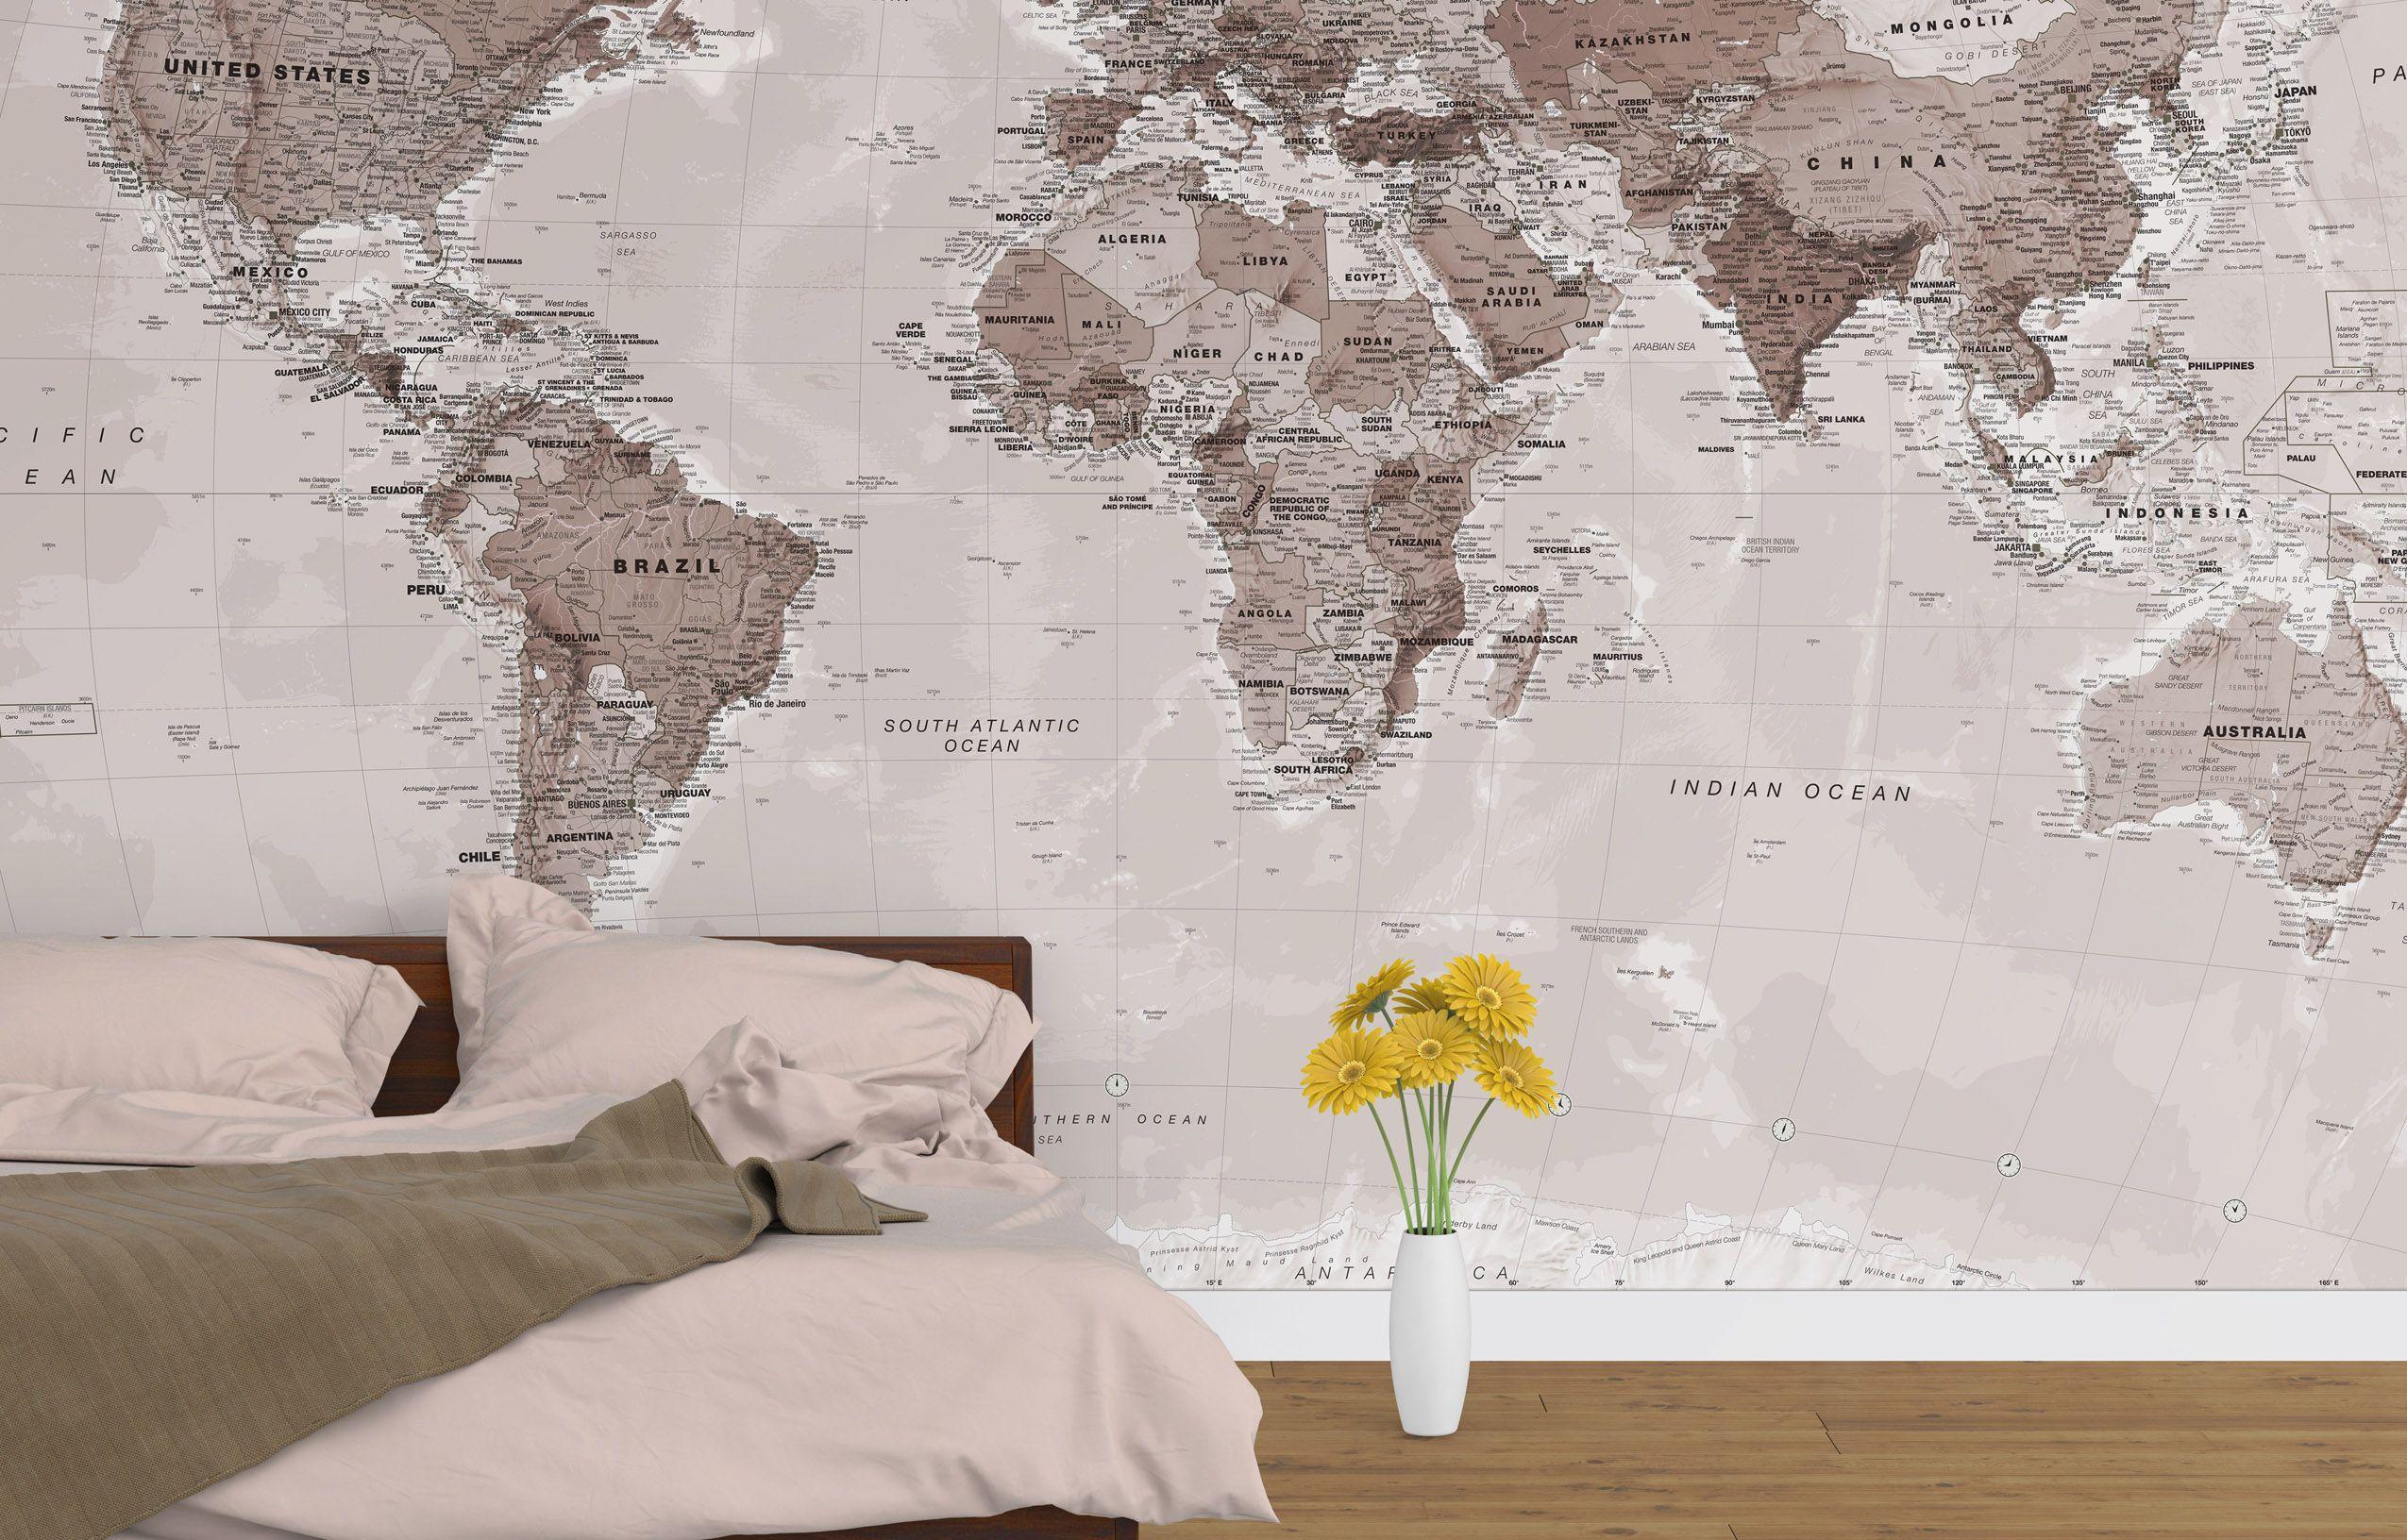 Neutralworldmapwallpaperpl Winter Wallpapers Pinterest - World map wallpaper south africa